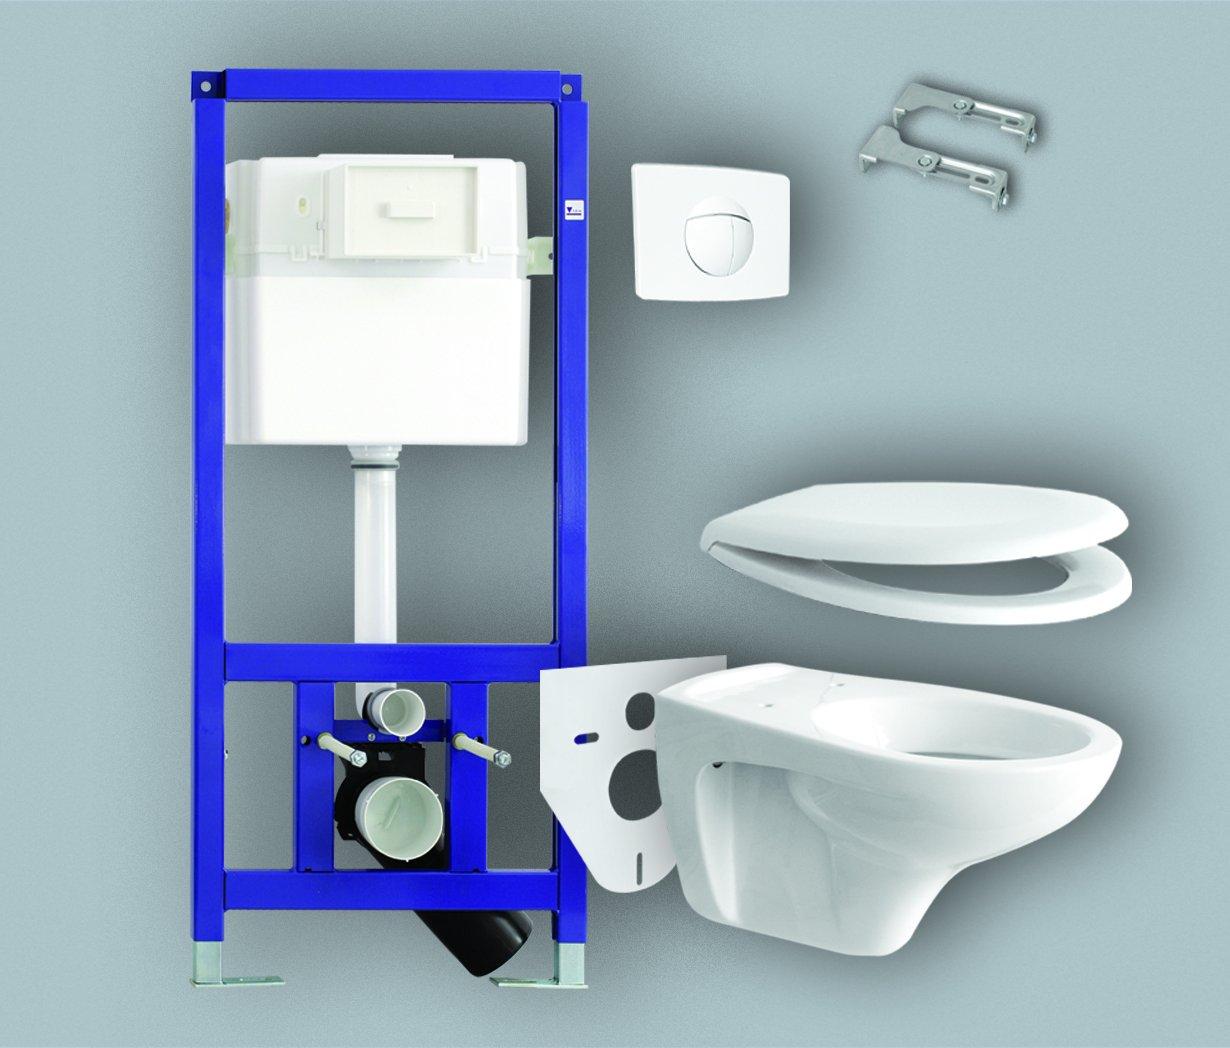 Инсталляция для туалета: как выбрать инсталляцию для подвесного унитаза